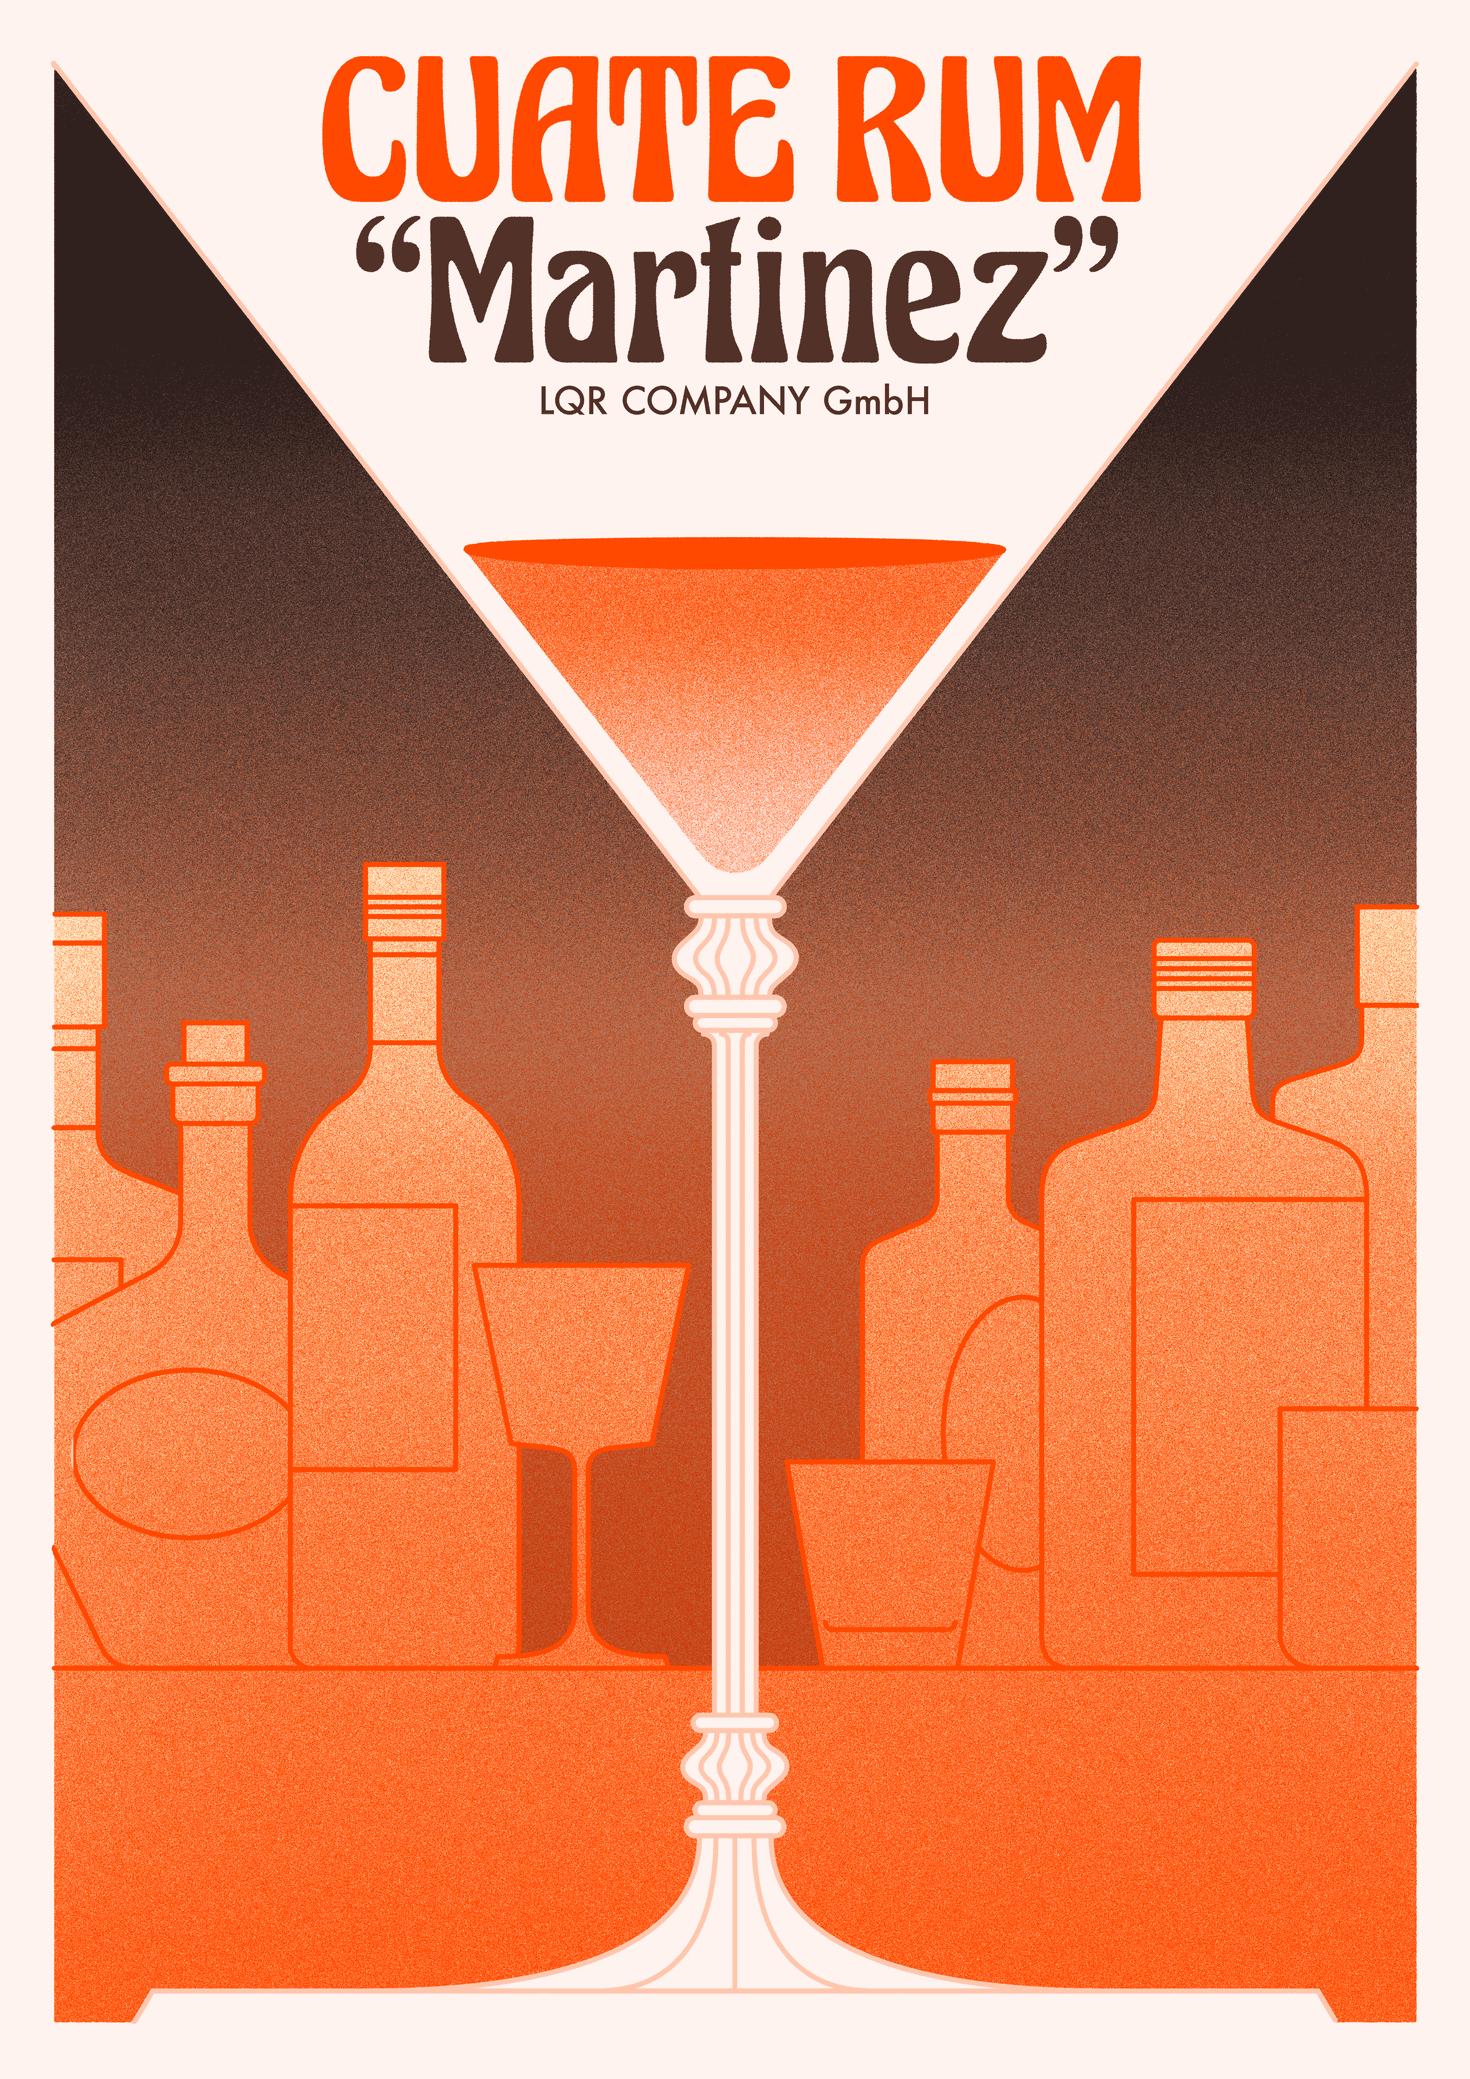 Cuate Rum Martinez